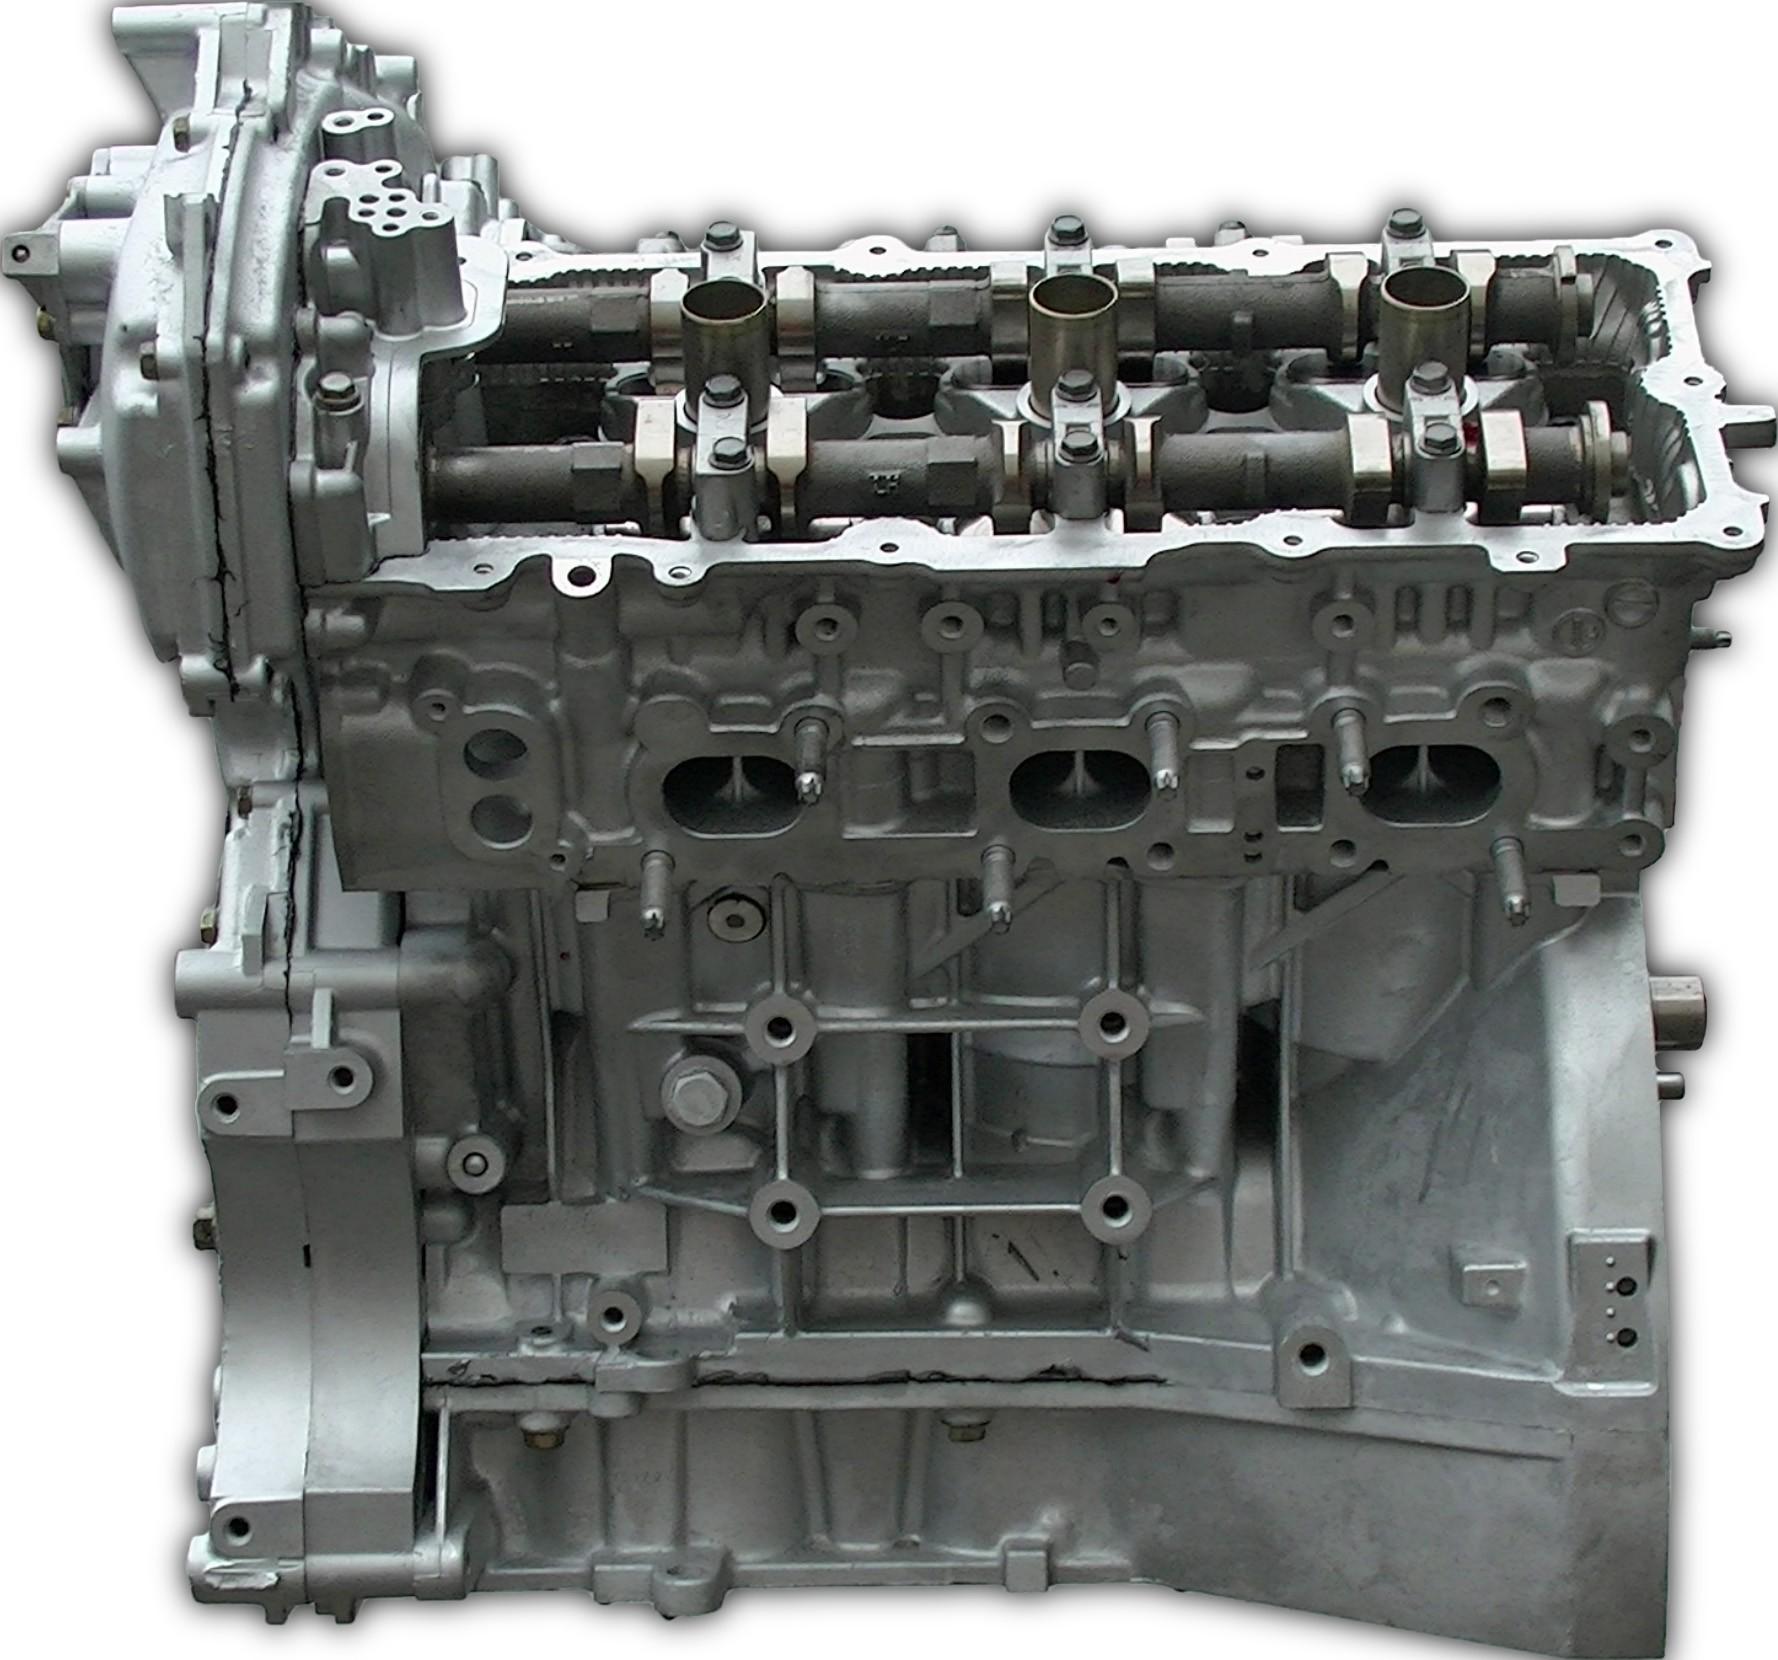 rebuilt 05 08 nissan frontier 4 0l v6 vq40de engine kar. Black Bedroom Furniture Sets. Home Design Ideas